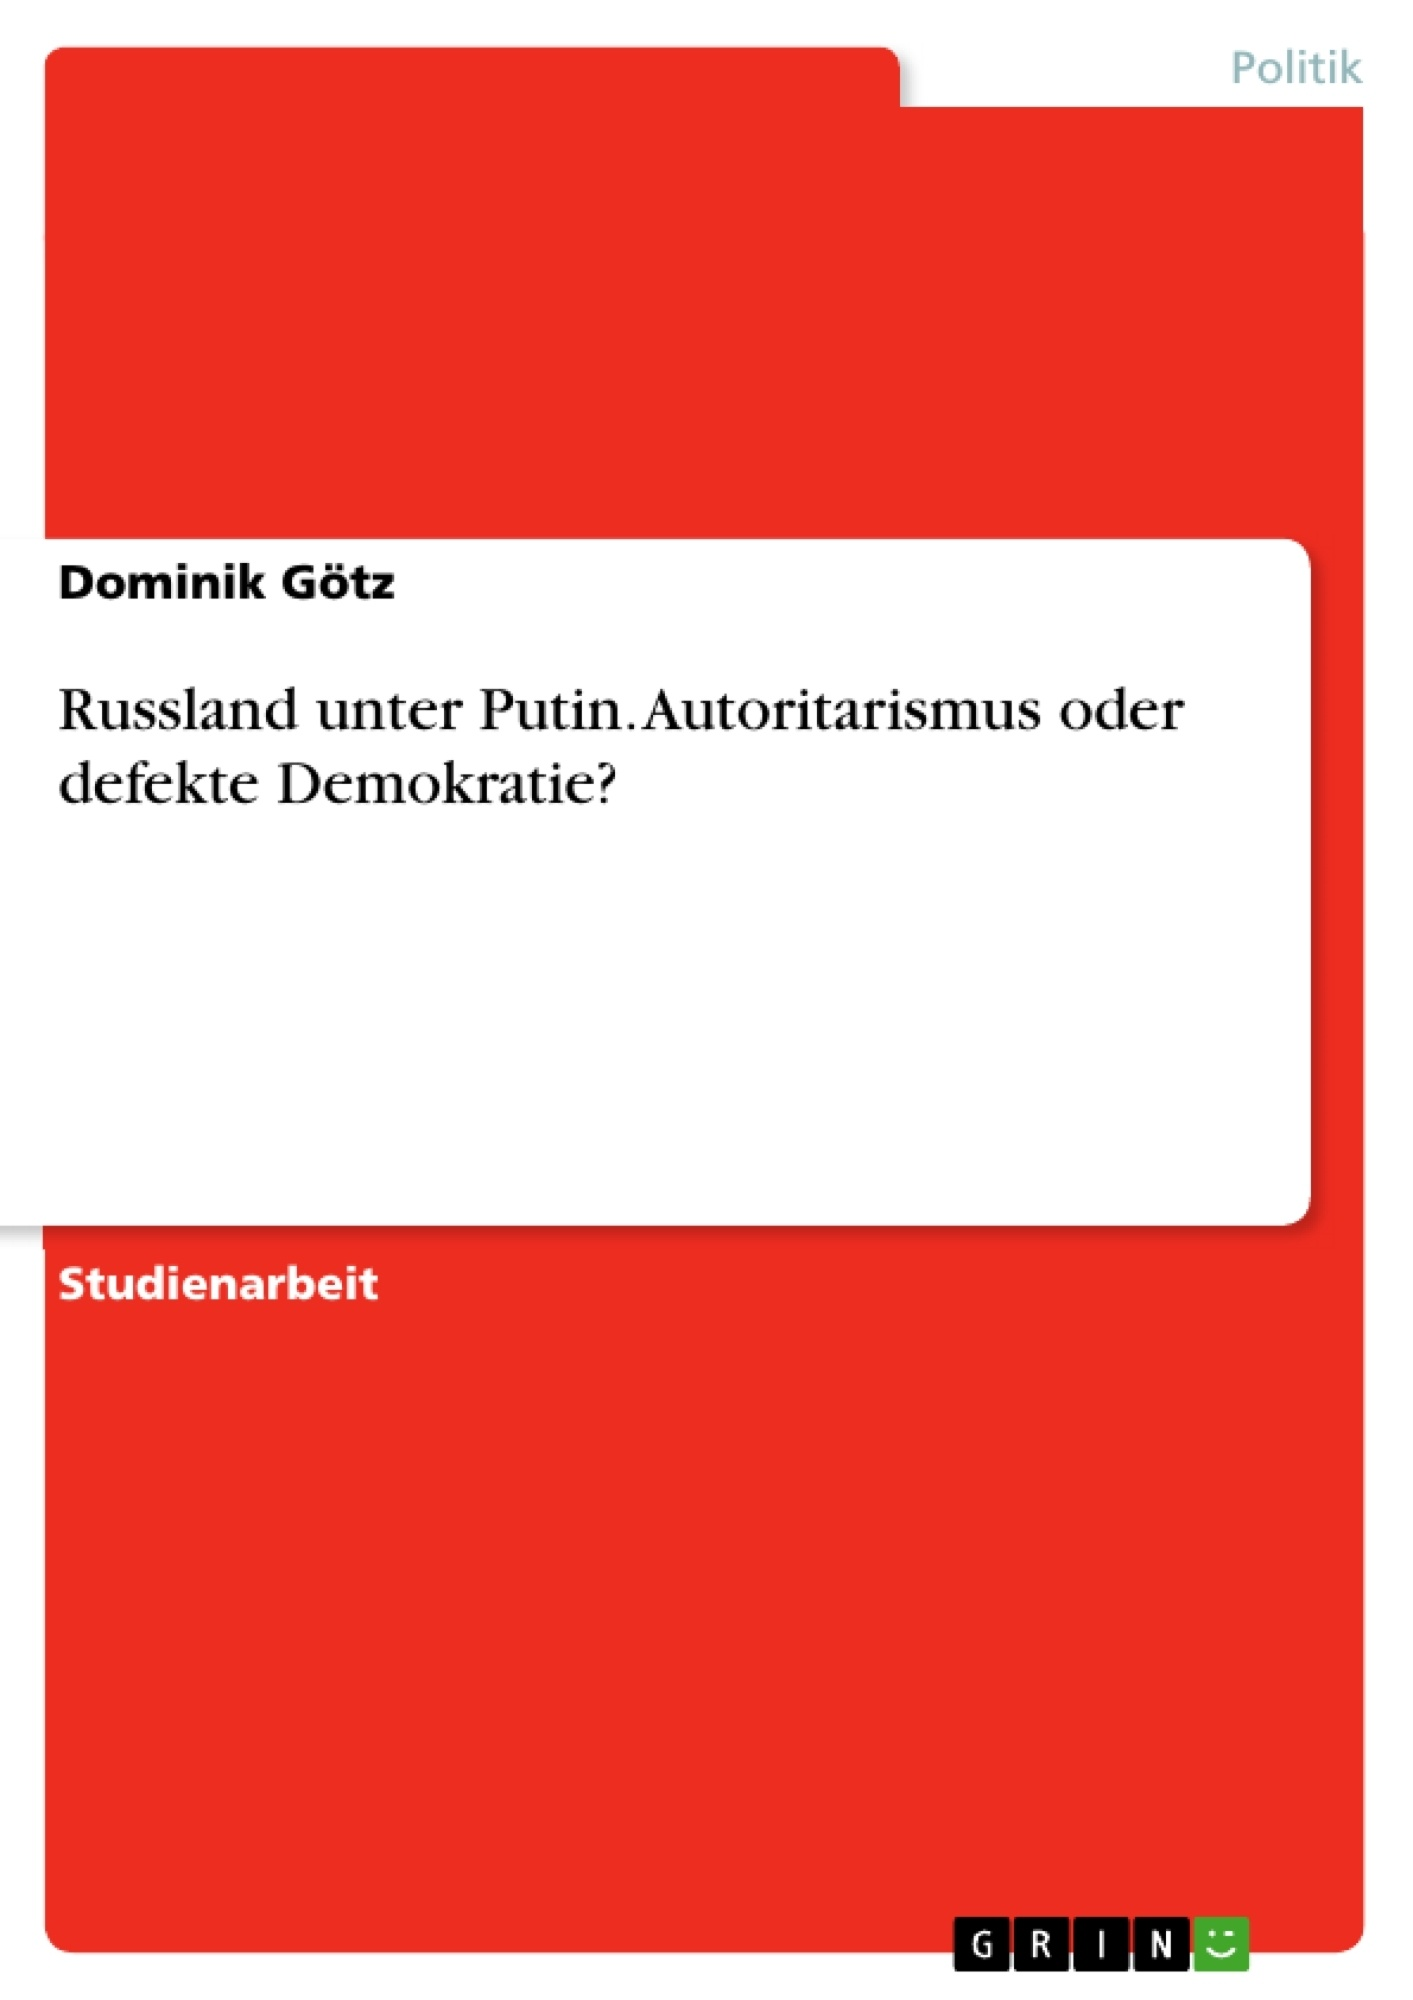 Titel: Russland unter Putin. Autoritarismus oder defekte Demokratie?